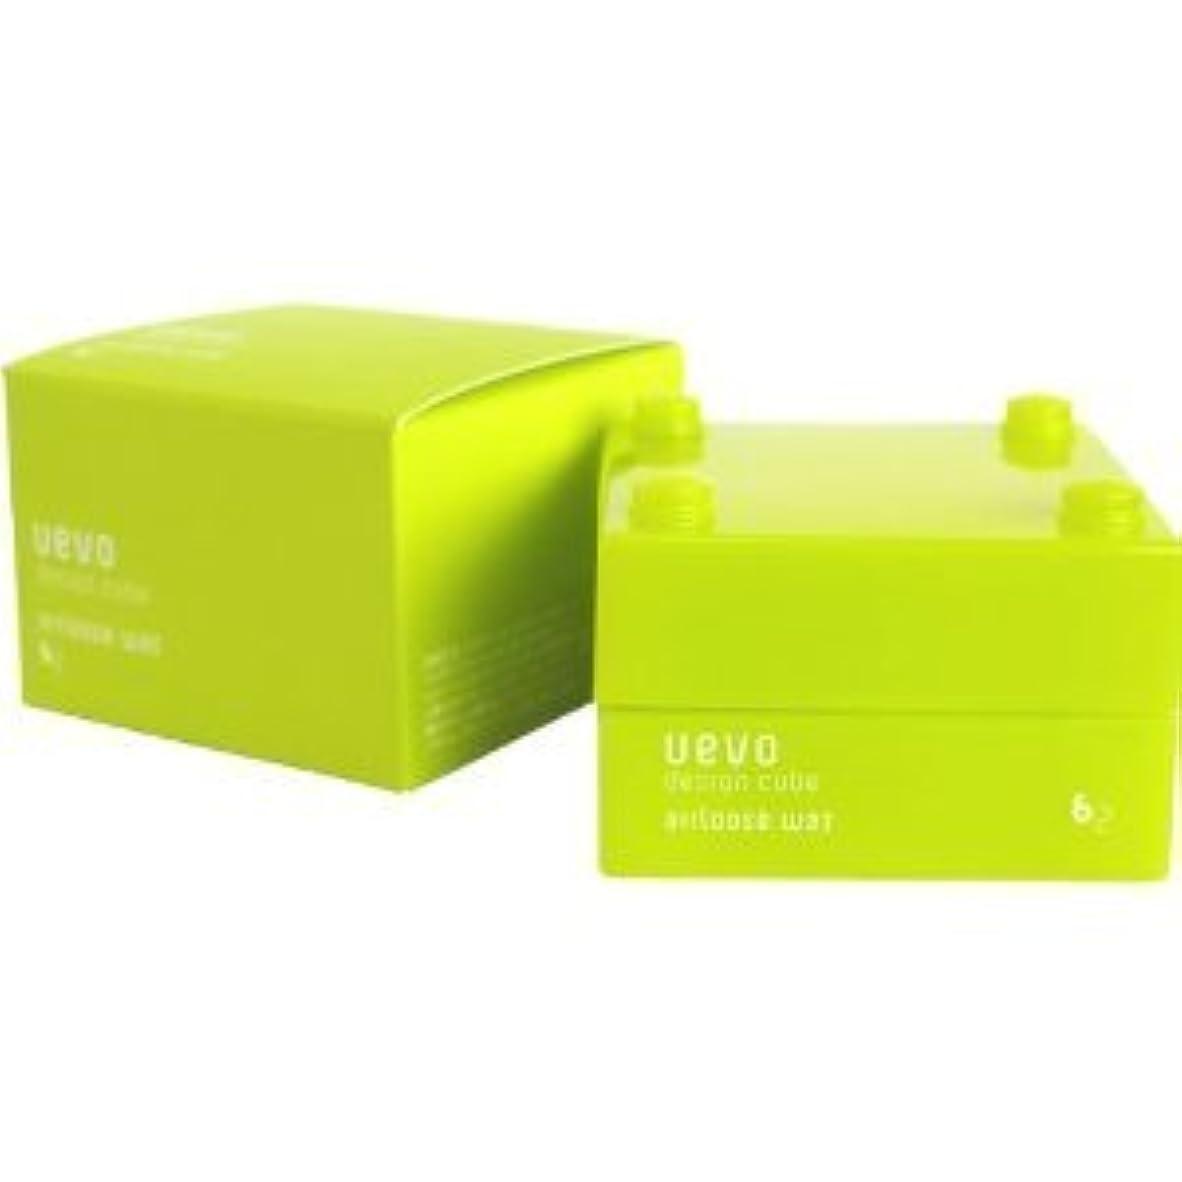 講師笑ゆり【X2個セット】 デミ ウェーボ デザインキューブ エアルーズワックス 30g airloose wax DEMI uevo design cube